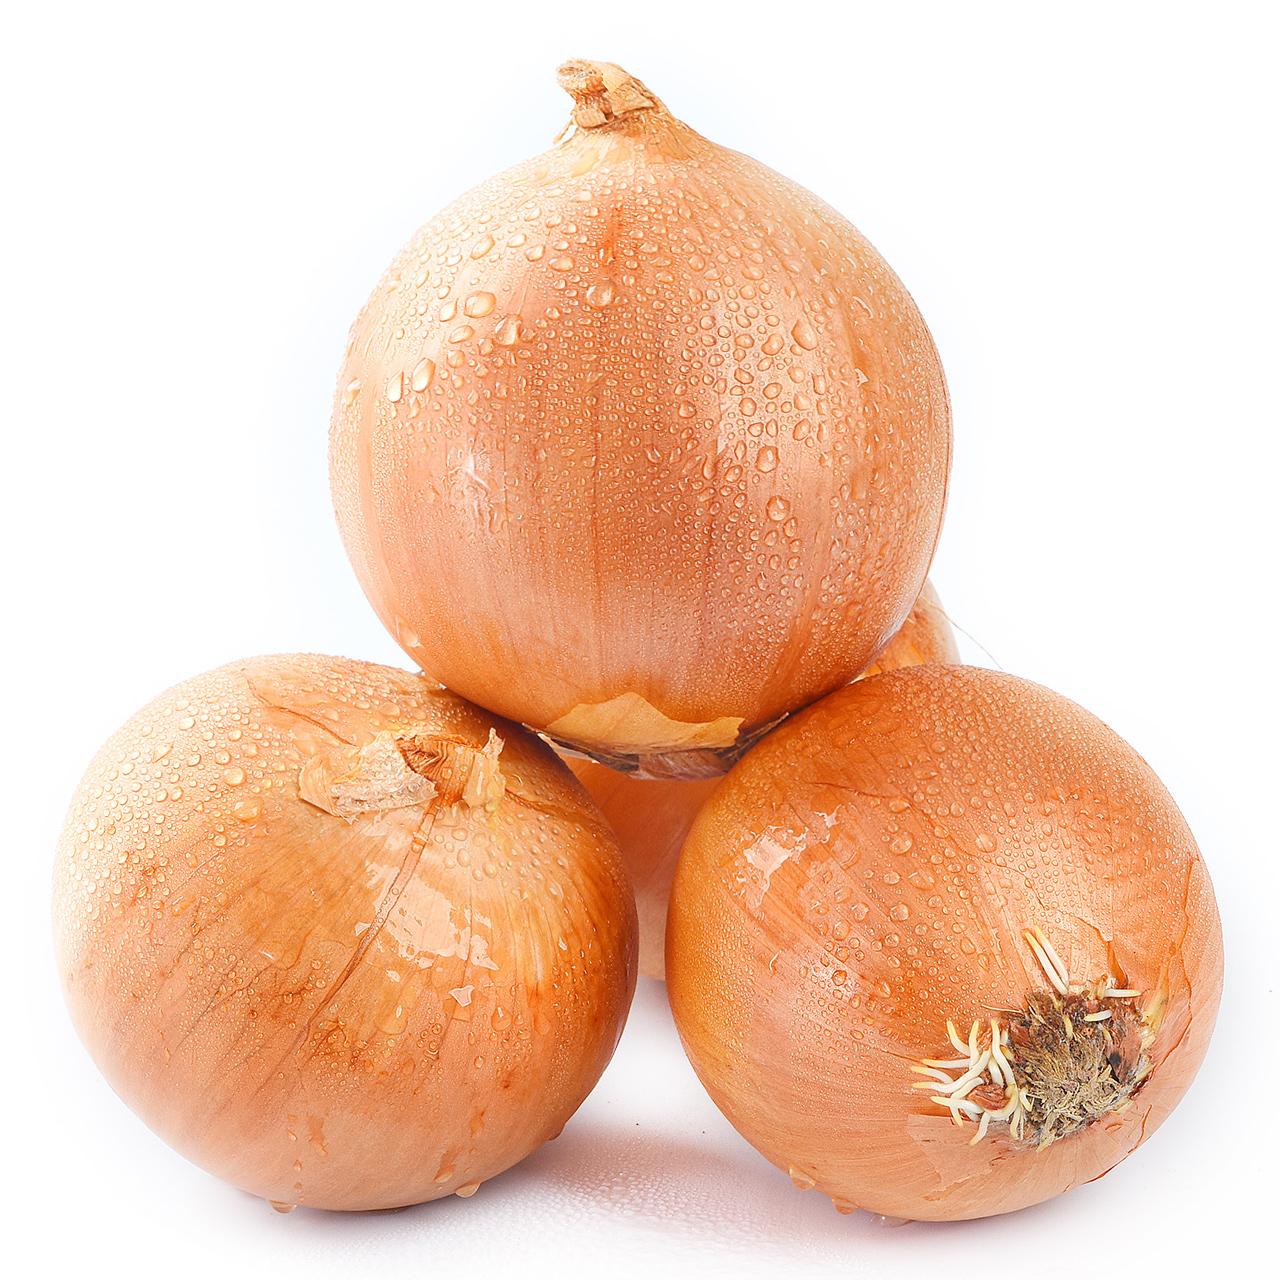 甘肃黄皮洋葱5斤新鲜蔬菜 当季农家自种圆葱头整箱批发包邮10